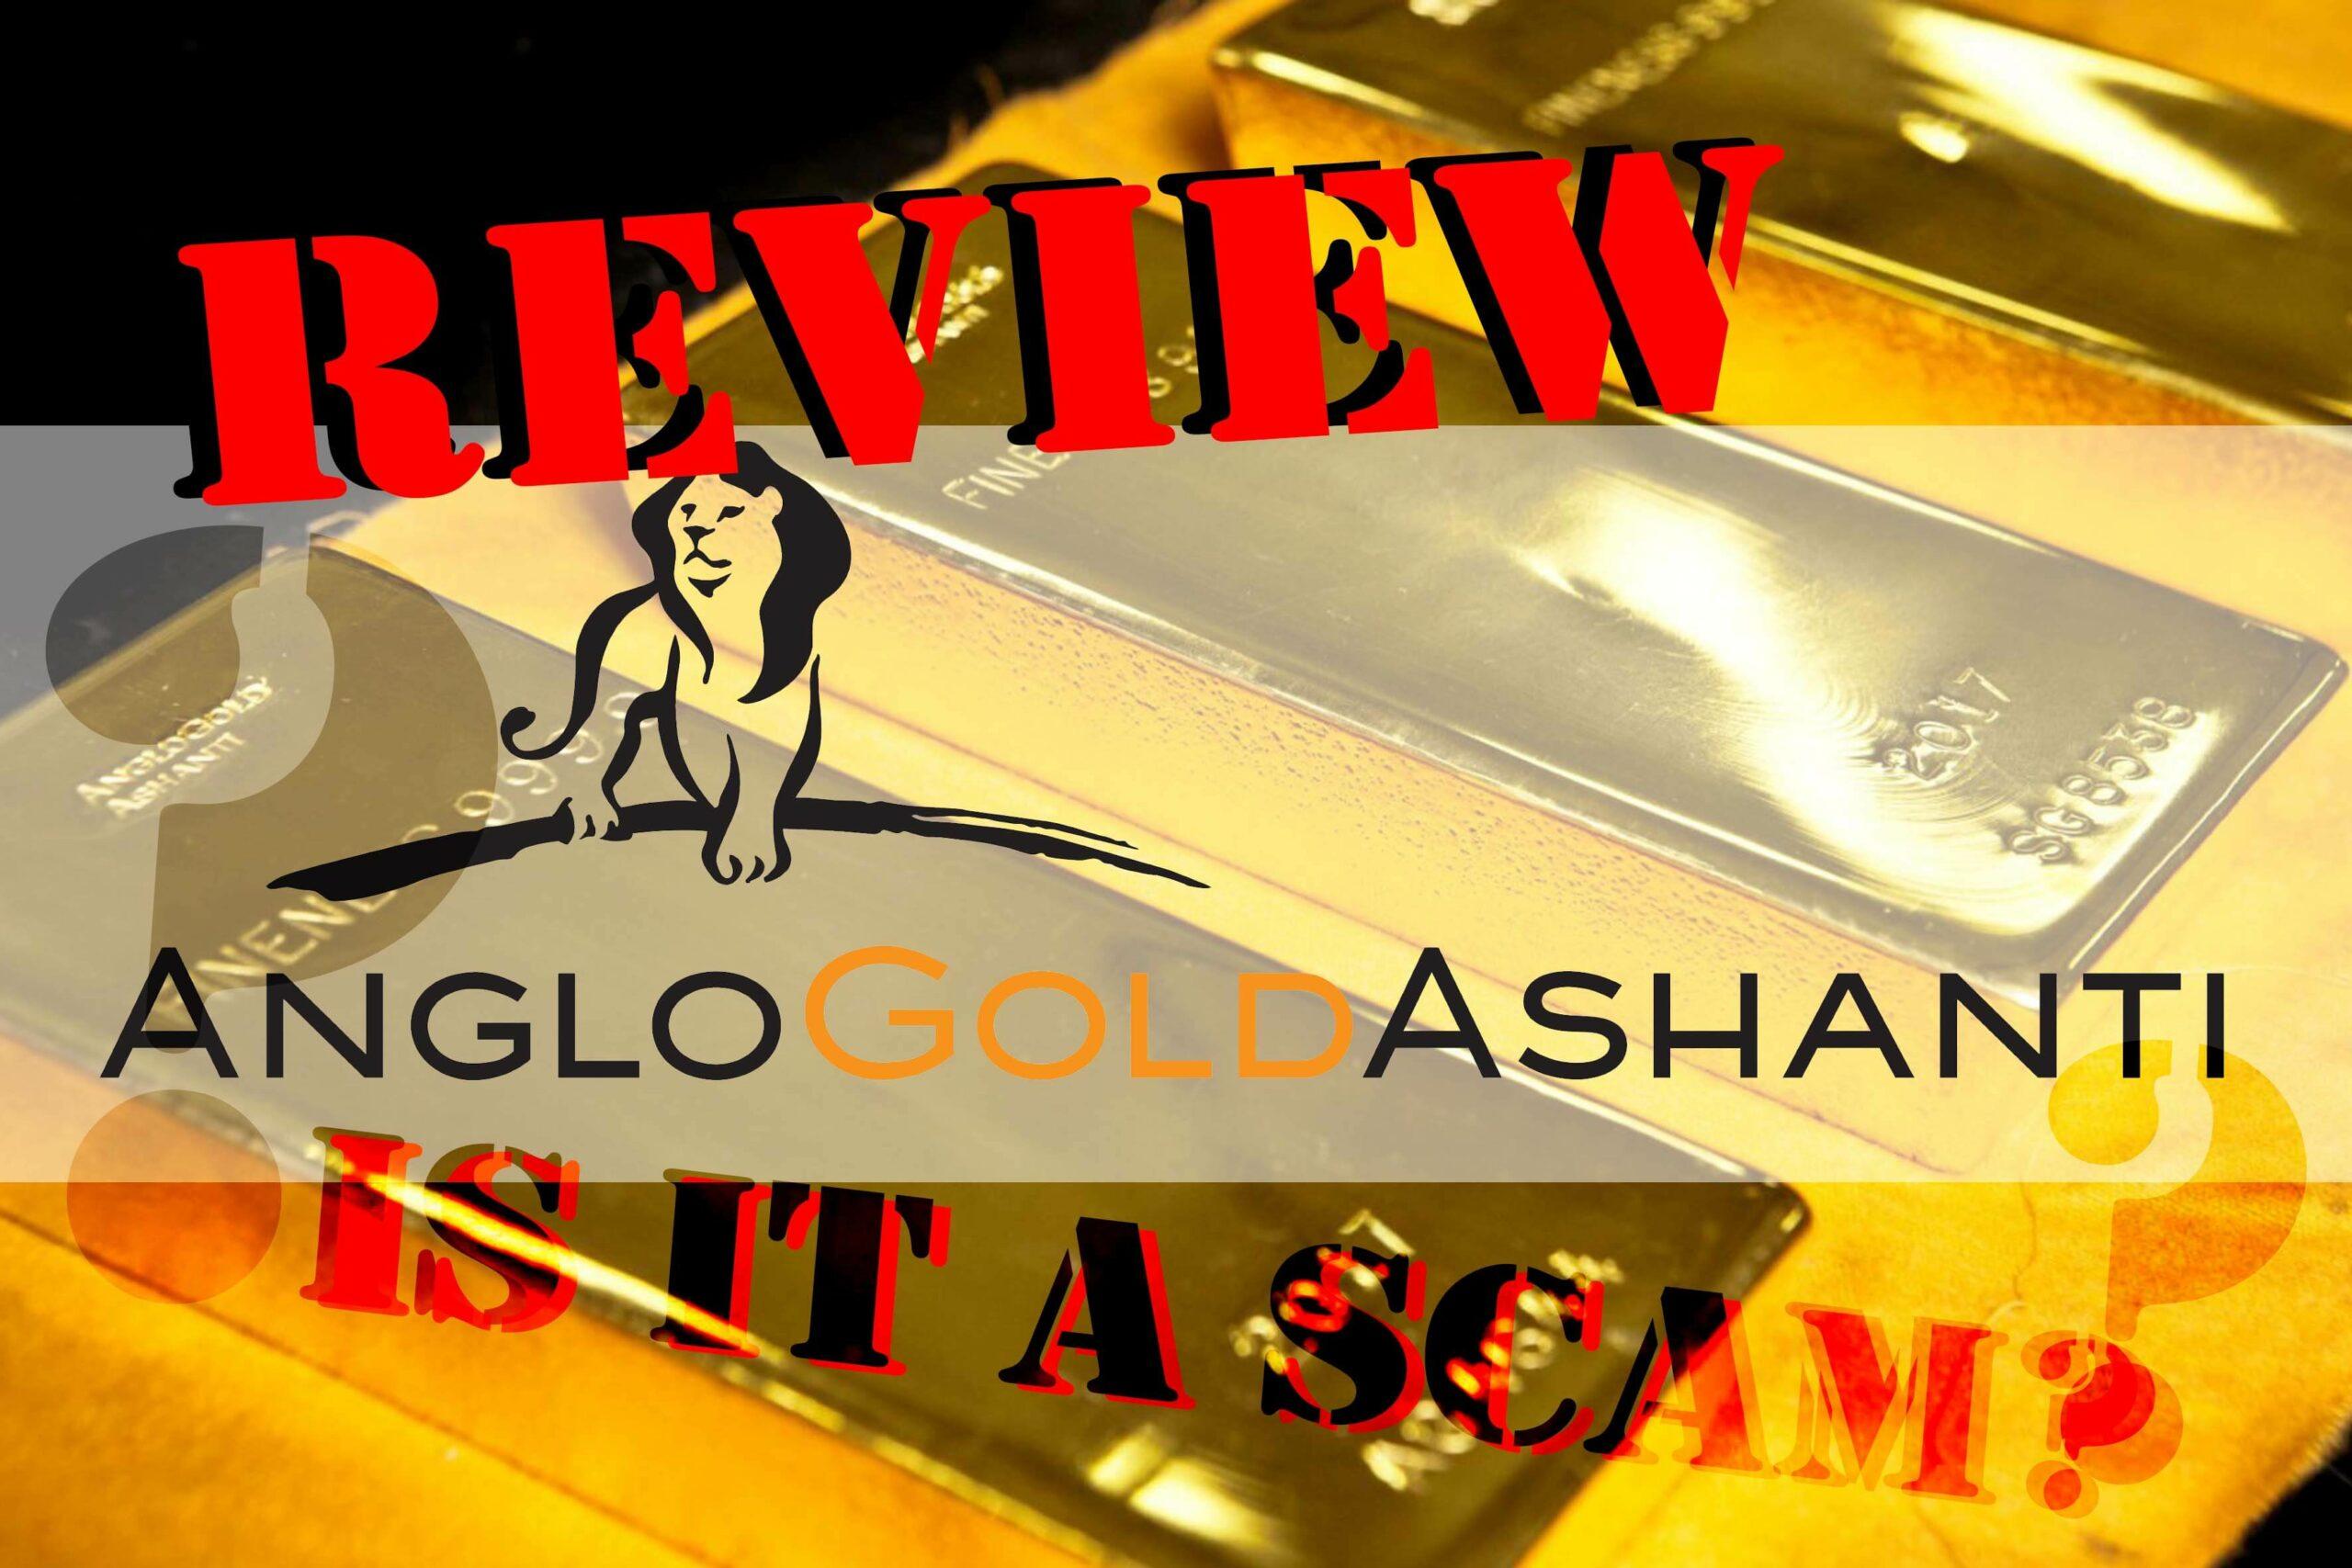 AngloGold Ashanti Review